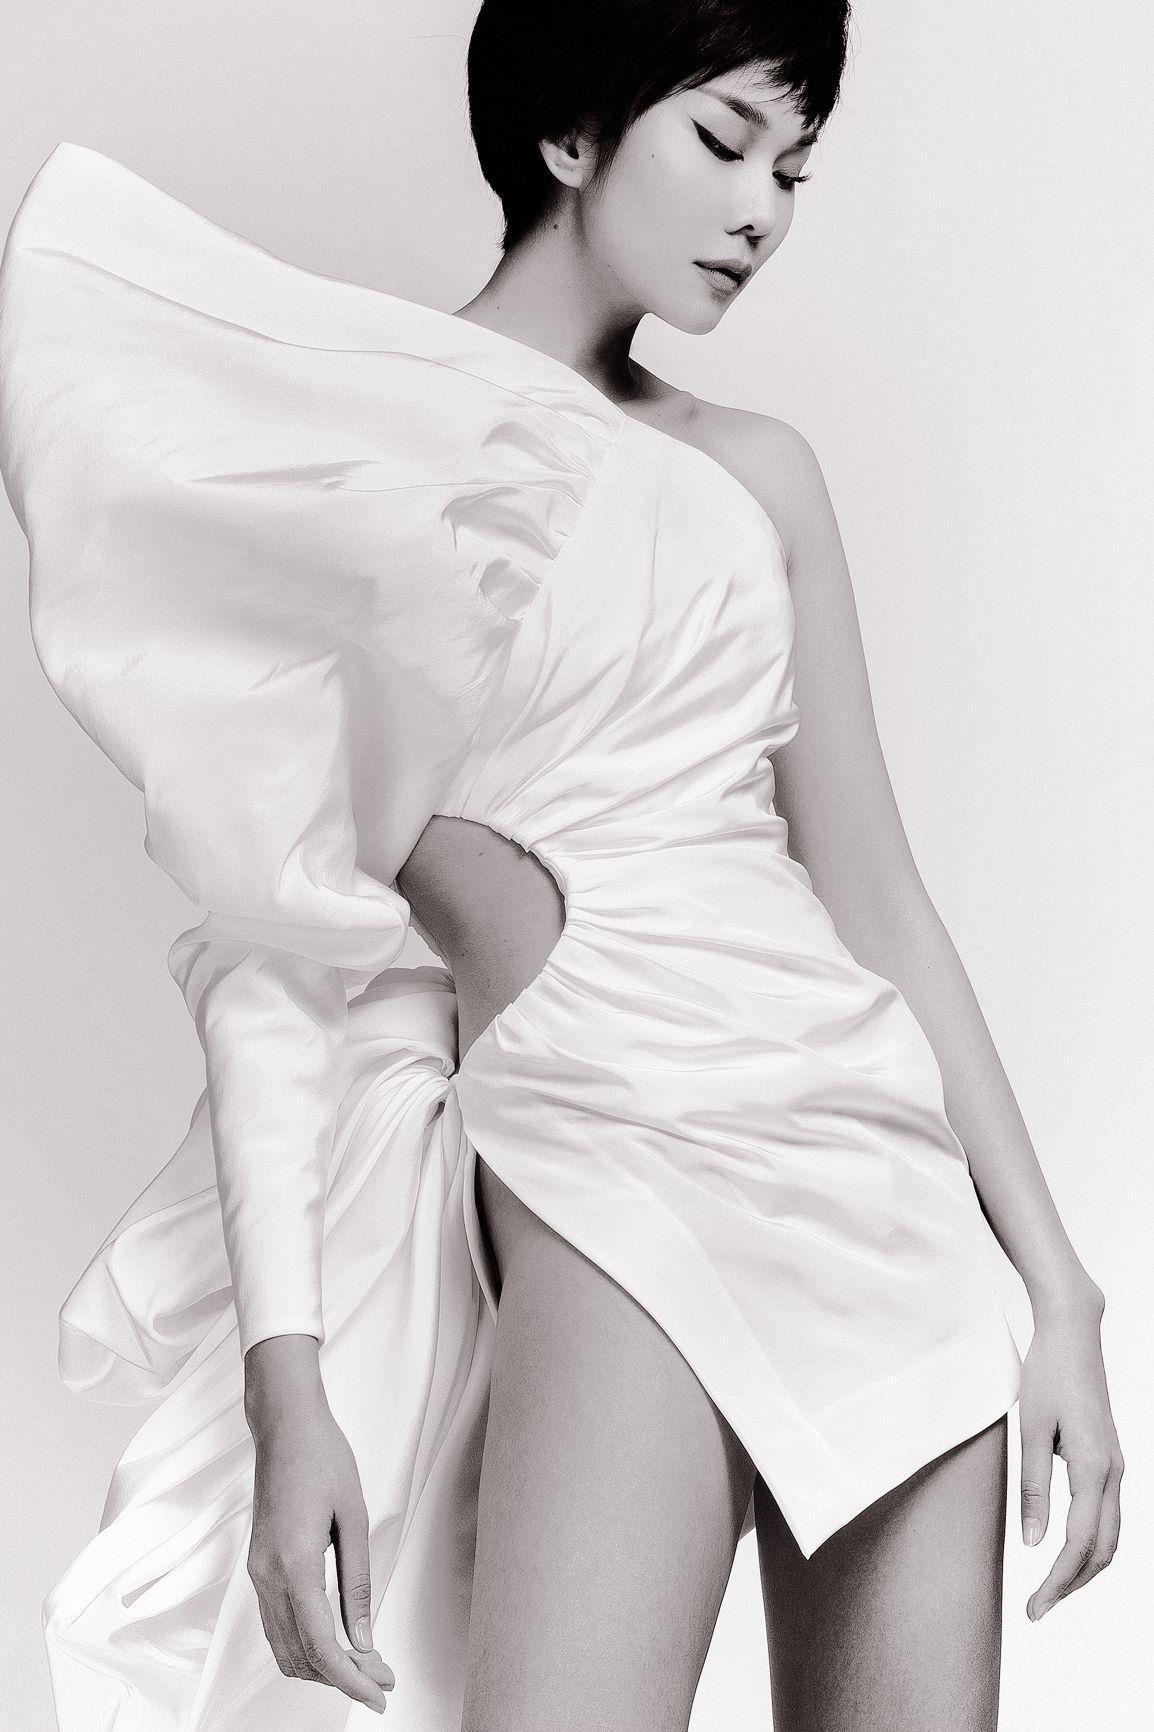 Chiếc váy của NTK Công Trí không chỉ ngắn cũn cỡn mà còn xẻ cao, chỉ vừa đủ che chắn chỗ nhạy cảm.